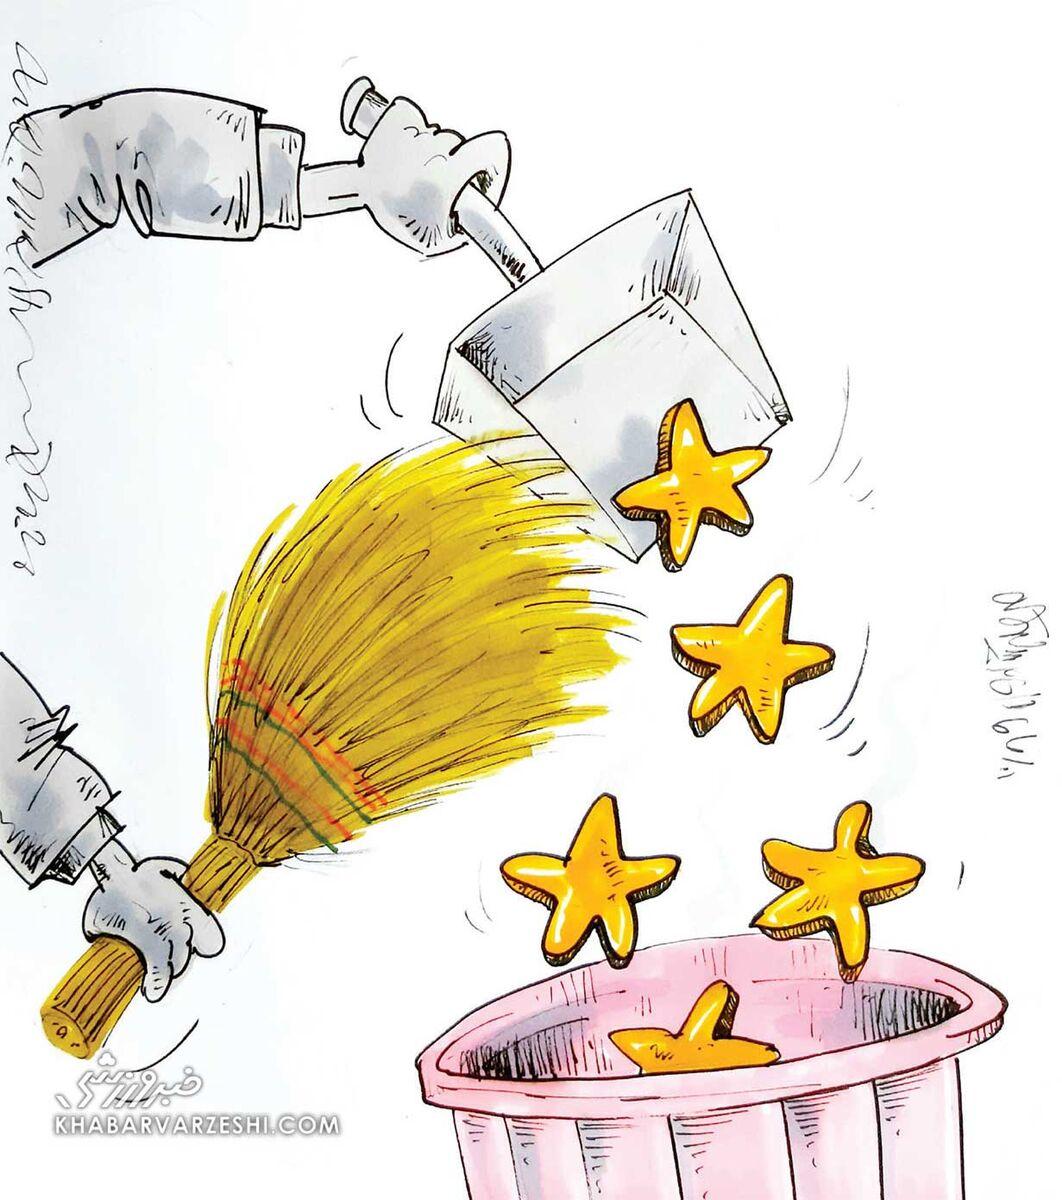 کارتون محمدرضا میرشاهولد درباره مزایده فدراسیون ۵ ستاره